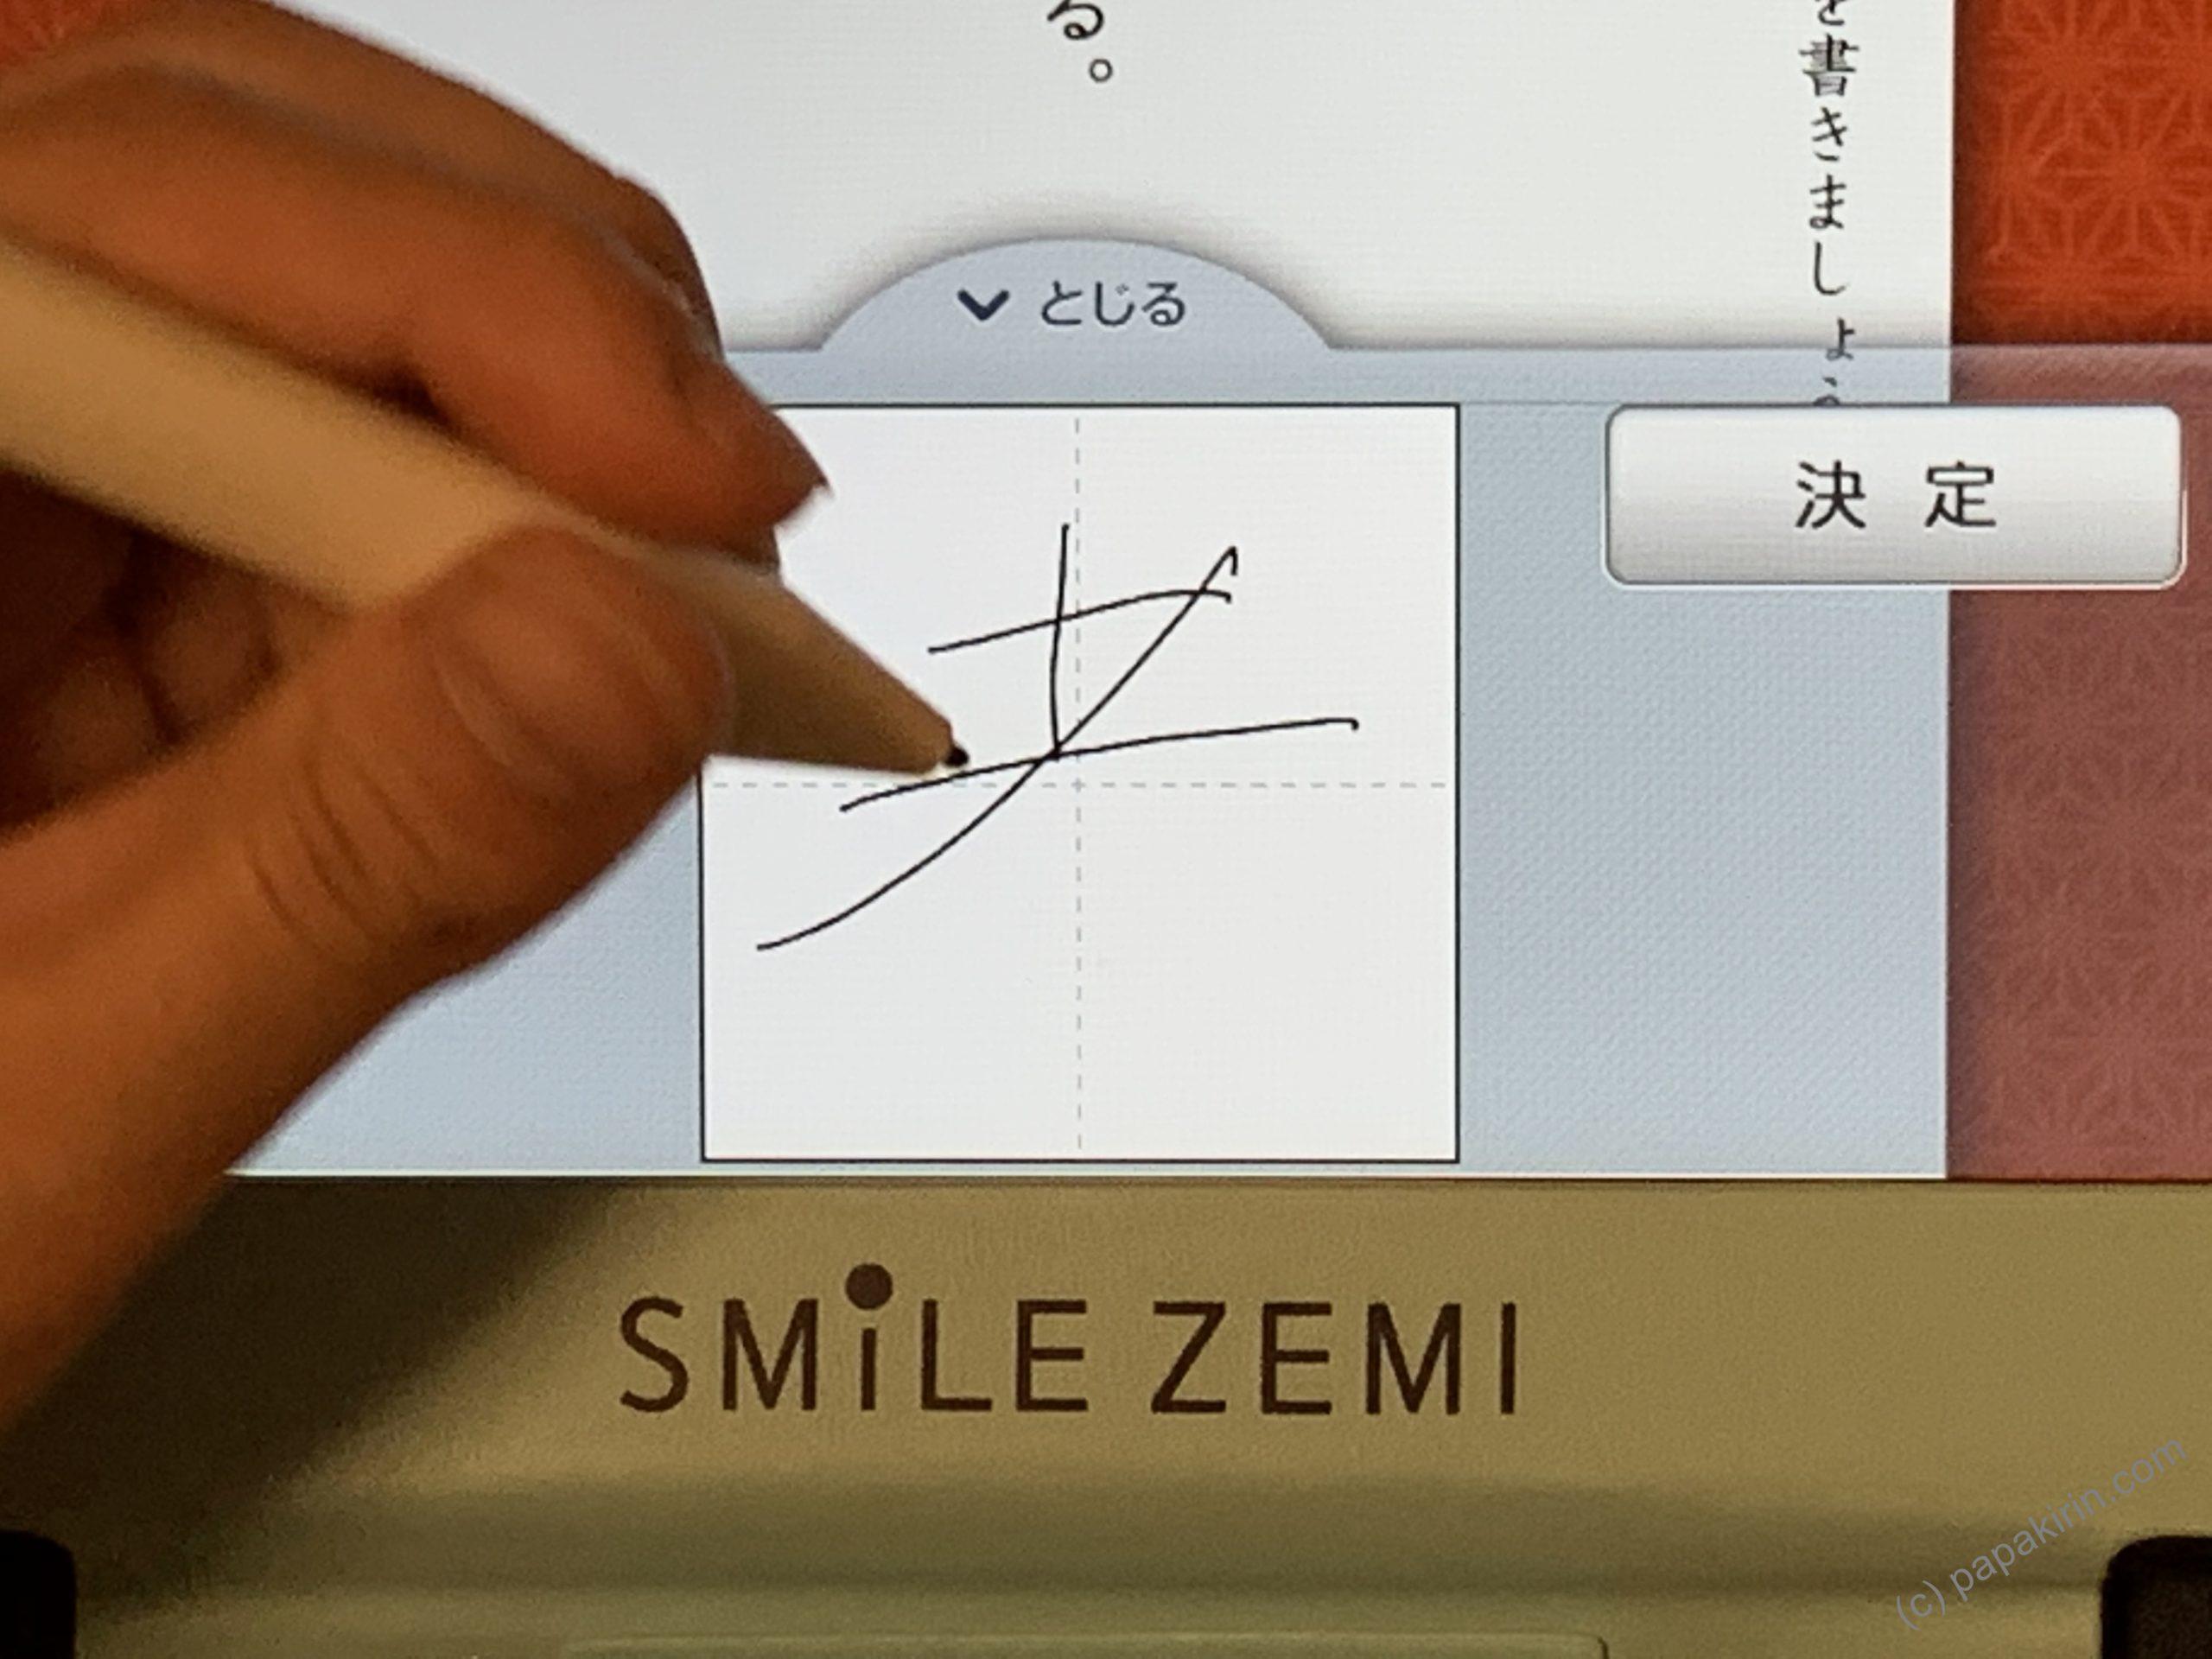 スマイルゼミの専用タブレットに手をついて漢字を書く写真